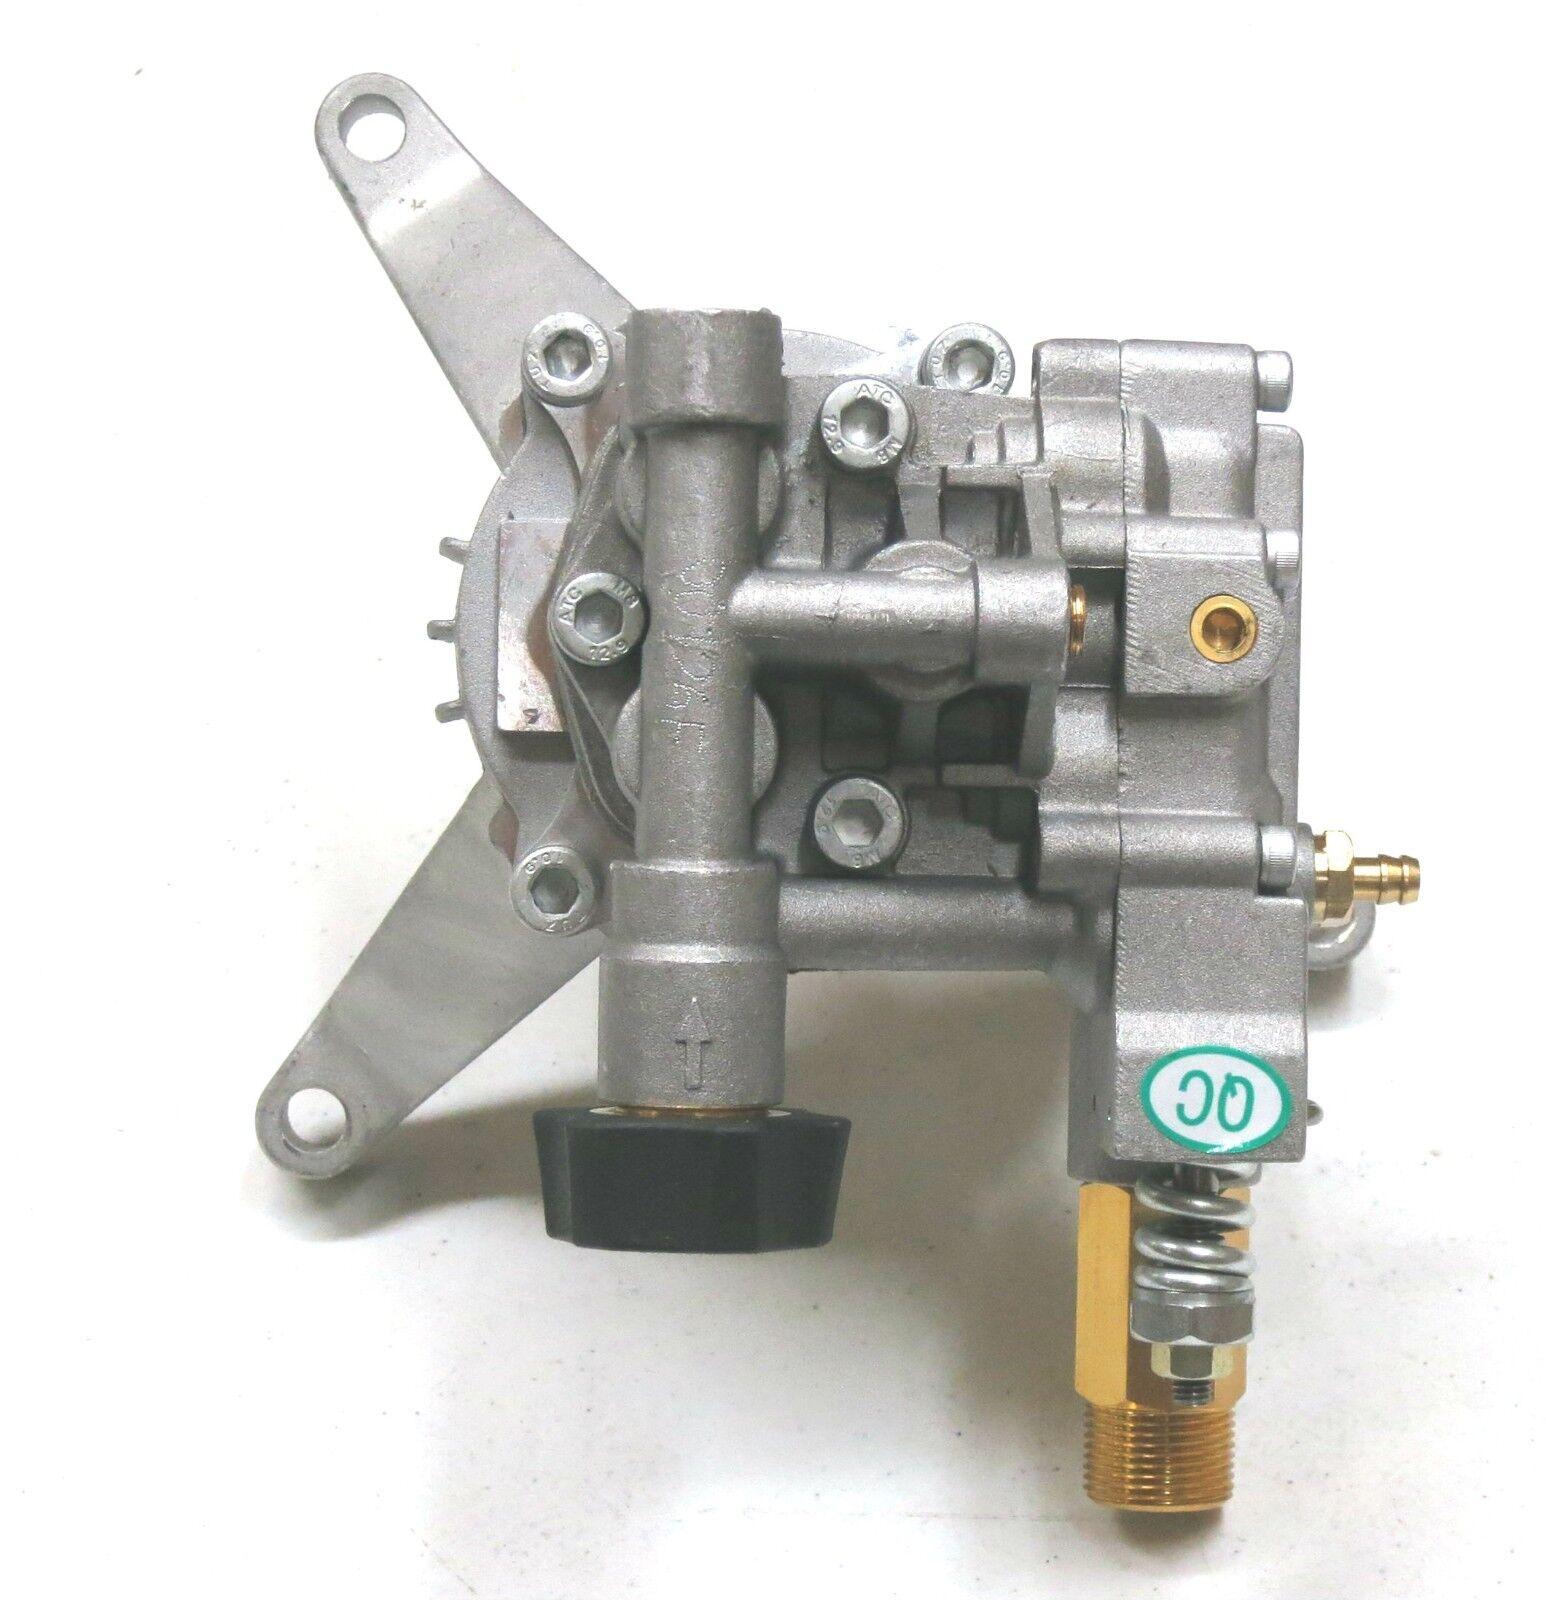 2800 psi POWER PRESSURE WASHER WATER PUMP  Briggs /& Stratton  020418-0  020418-1